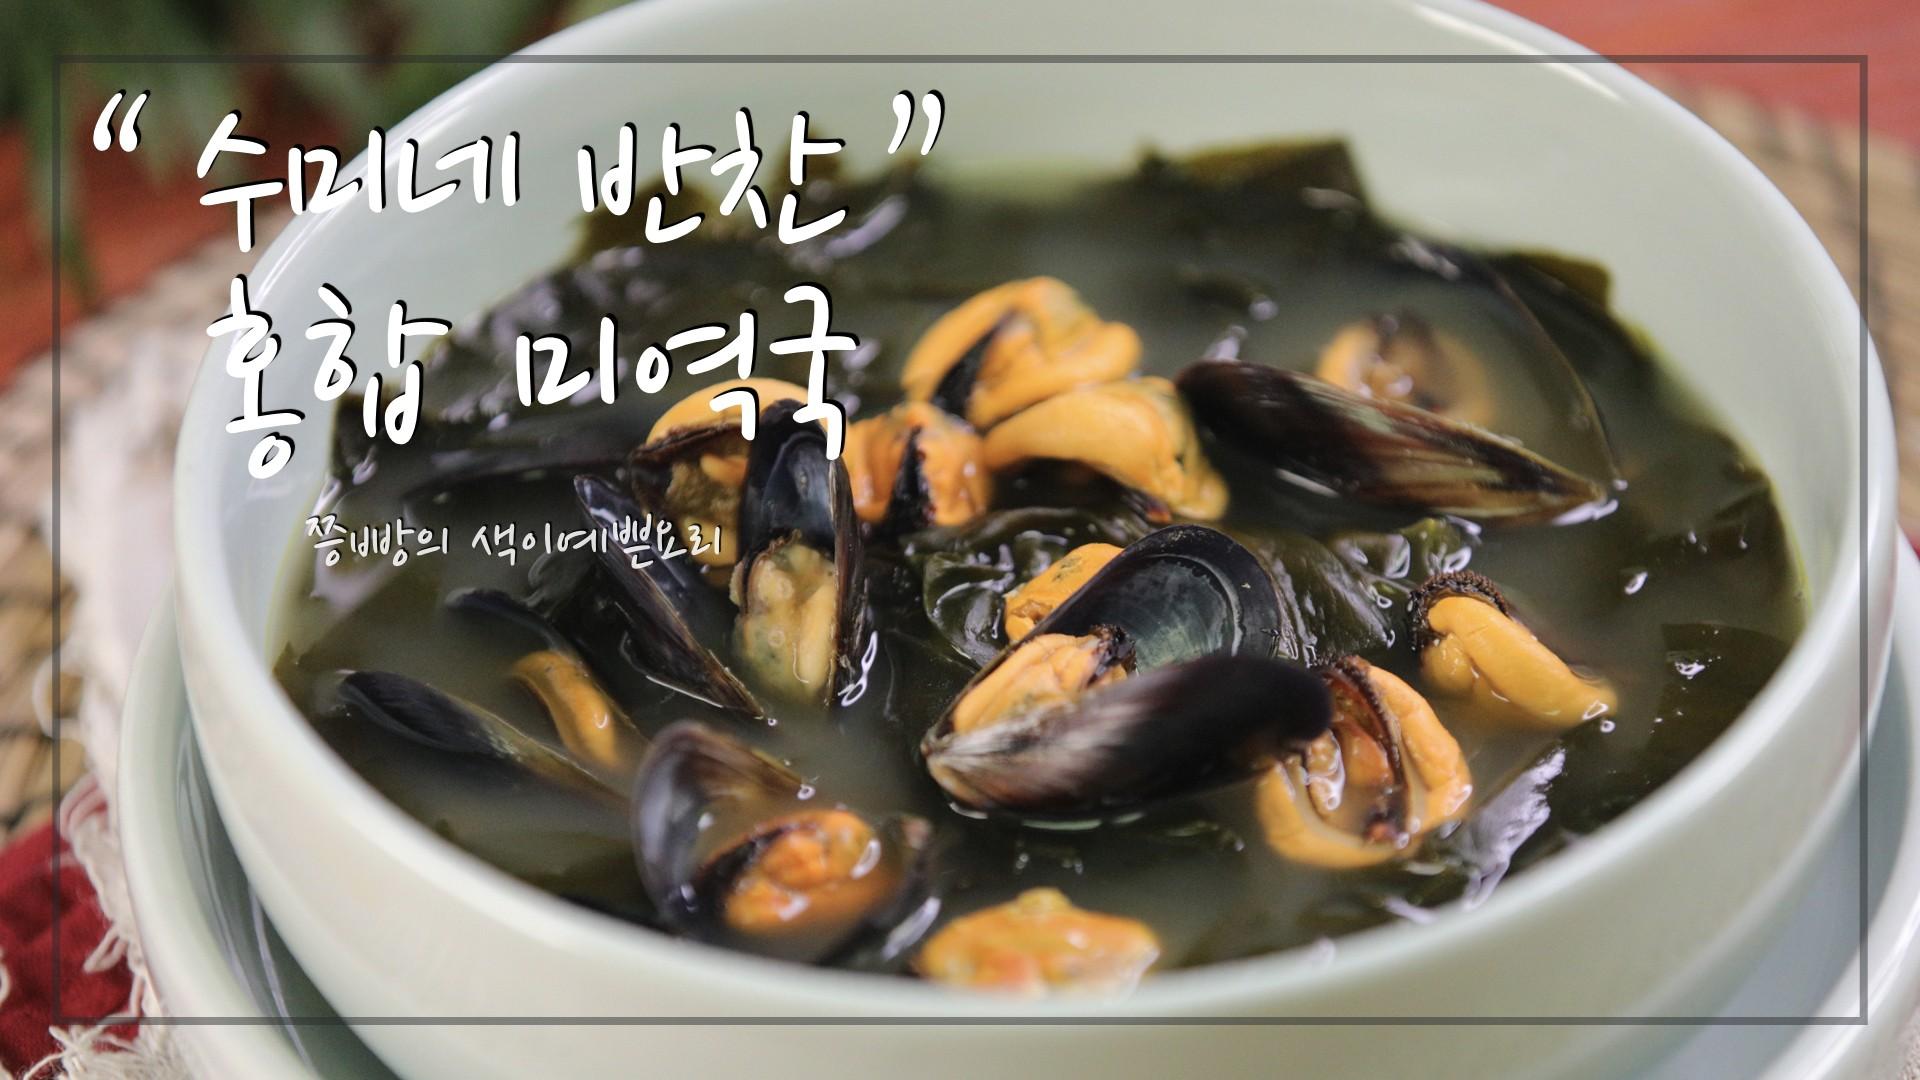 수미네 반찬 홍합 미역국 만드는 법,김수미표 레시피로 감칠맛 나는 미역국 맛있게 끓이기